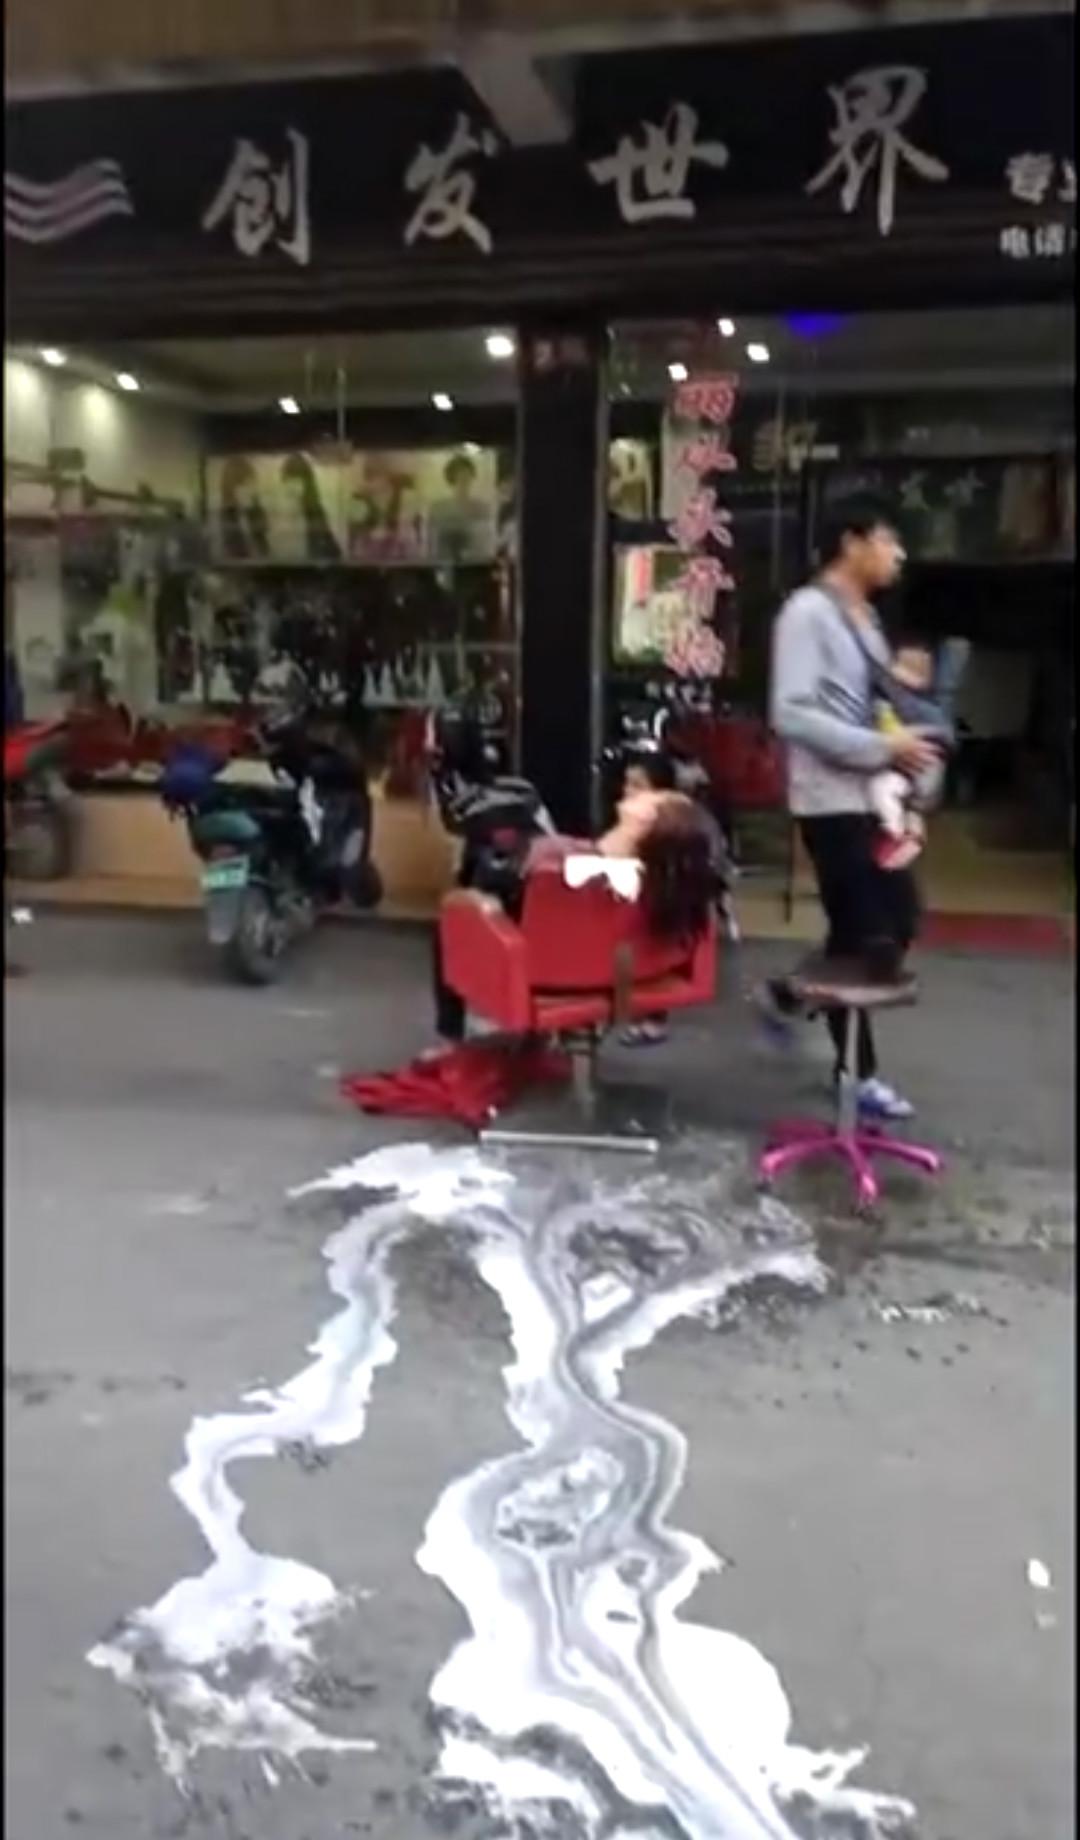 烫染店外,一女子后抬在椅子上。视频截图